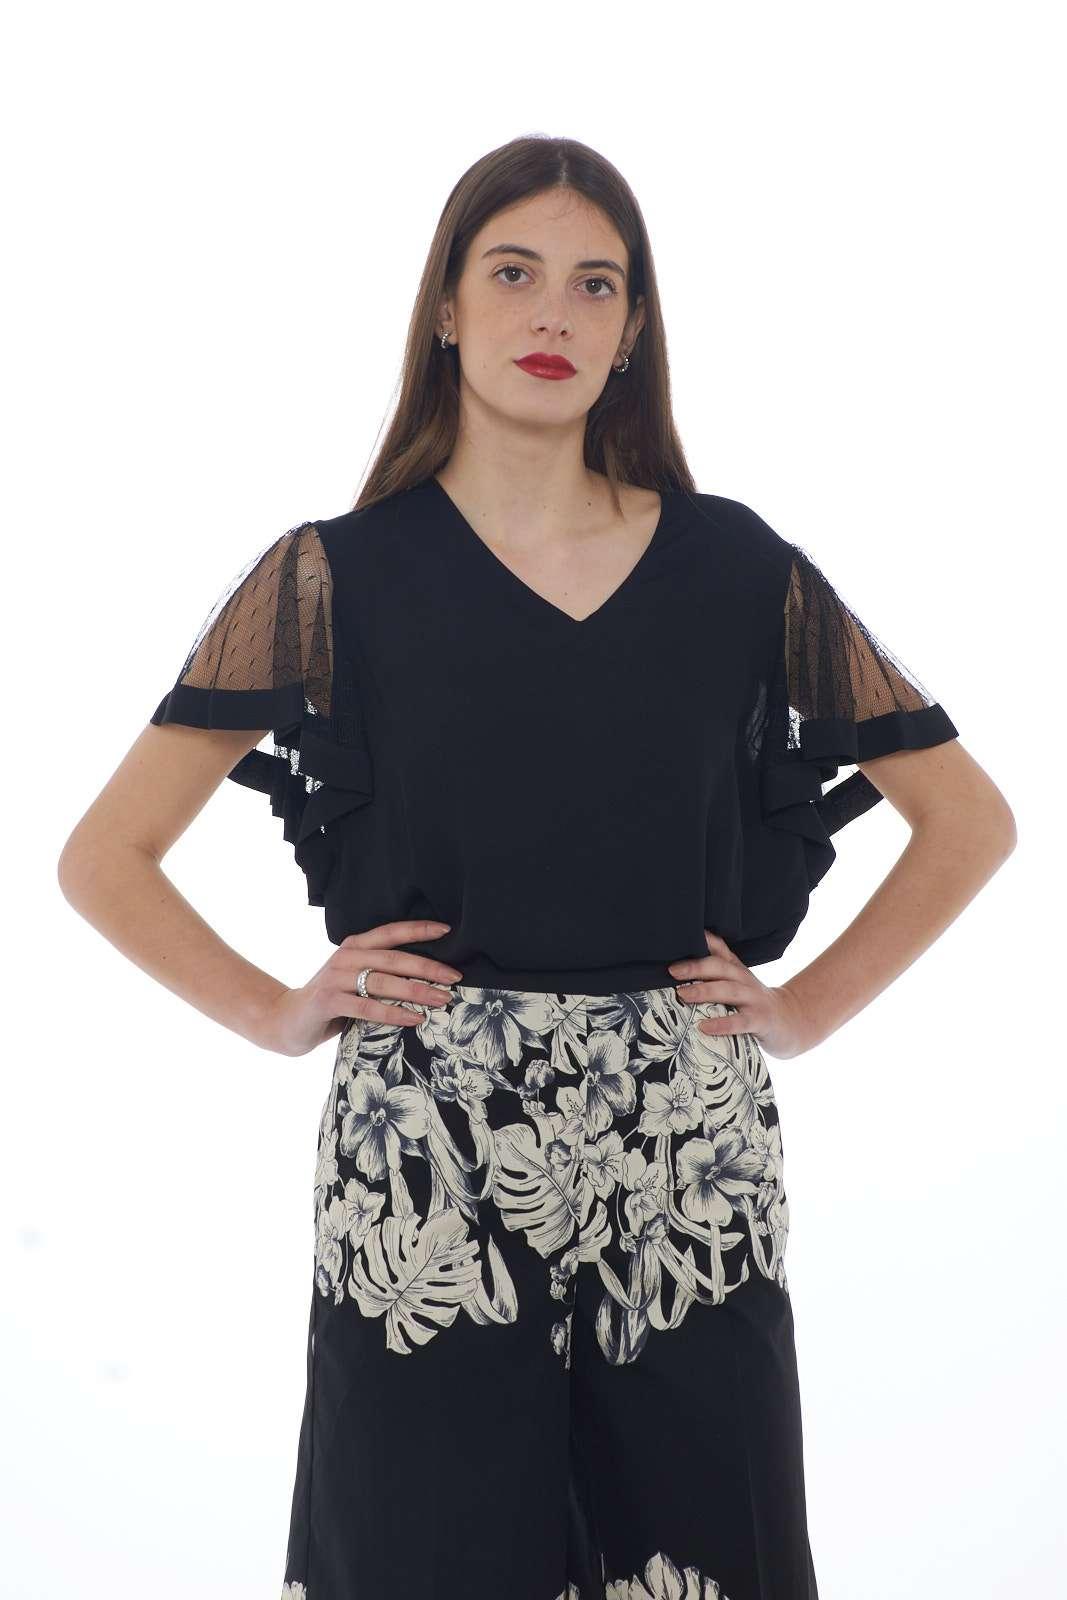 Un essential la blusa donna proposta per la nuova collezione primavera estate di Twinset. La vestibilità morbida permette di esaltare la silhouette in modo elegante, mentre le maniche in pizzi rifinite con tessuto in crepè la rendono unica e fashion. Da abbinare con ogni look si presenta come capo versatile e glamour.